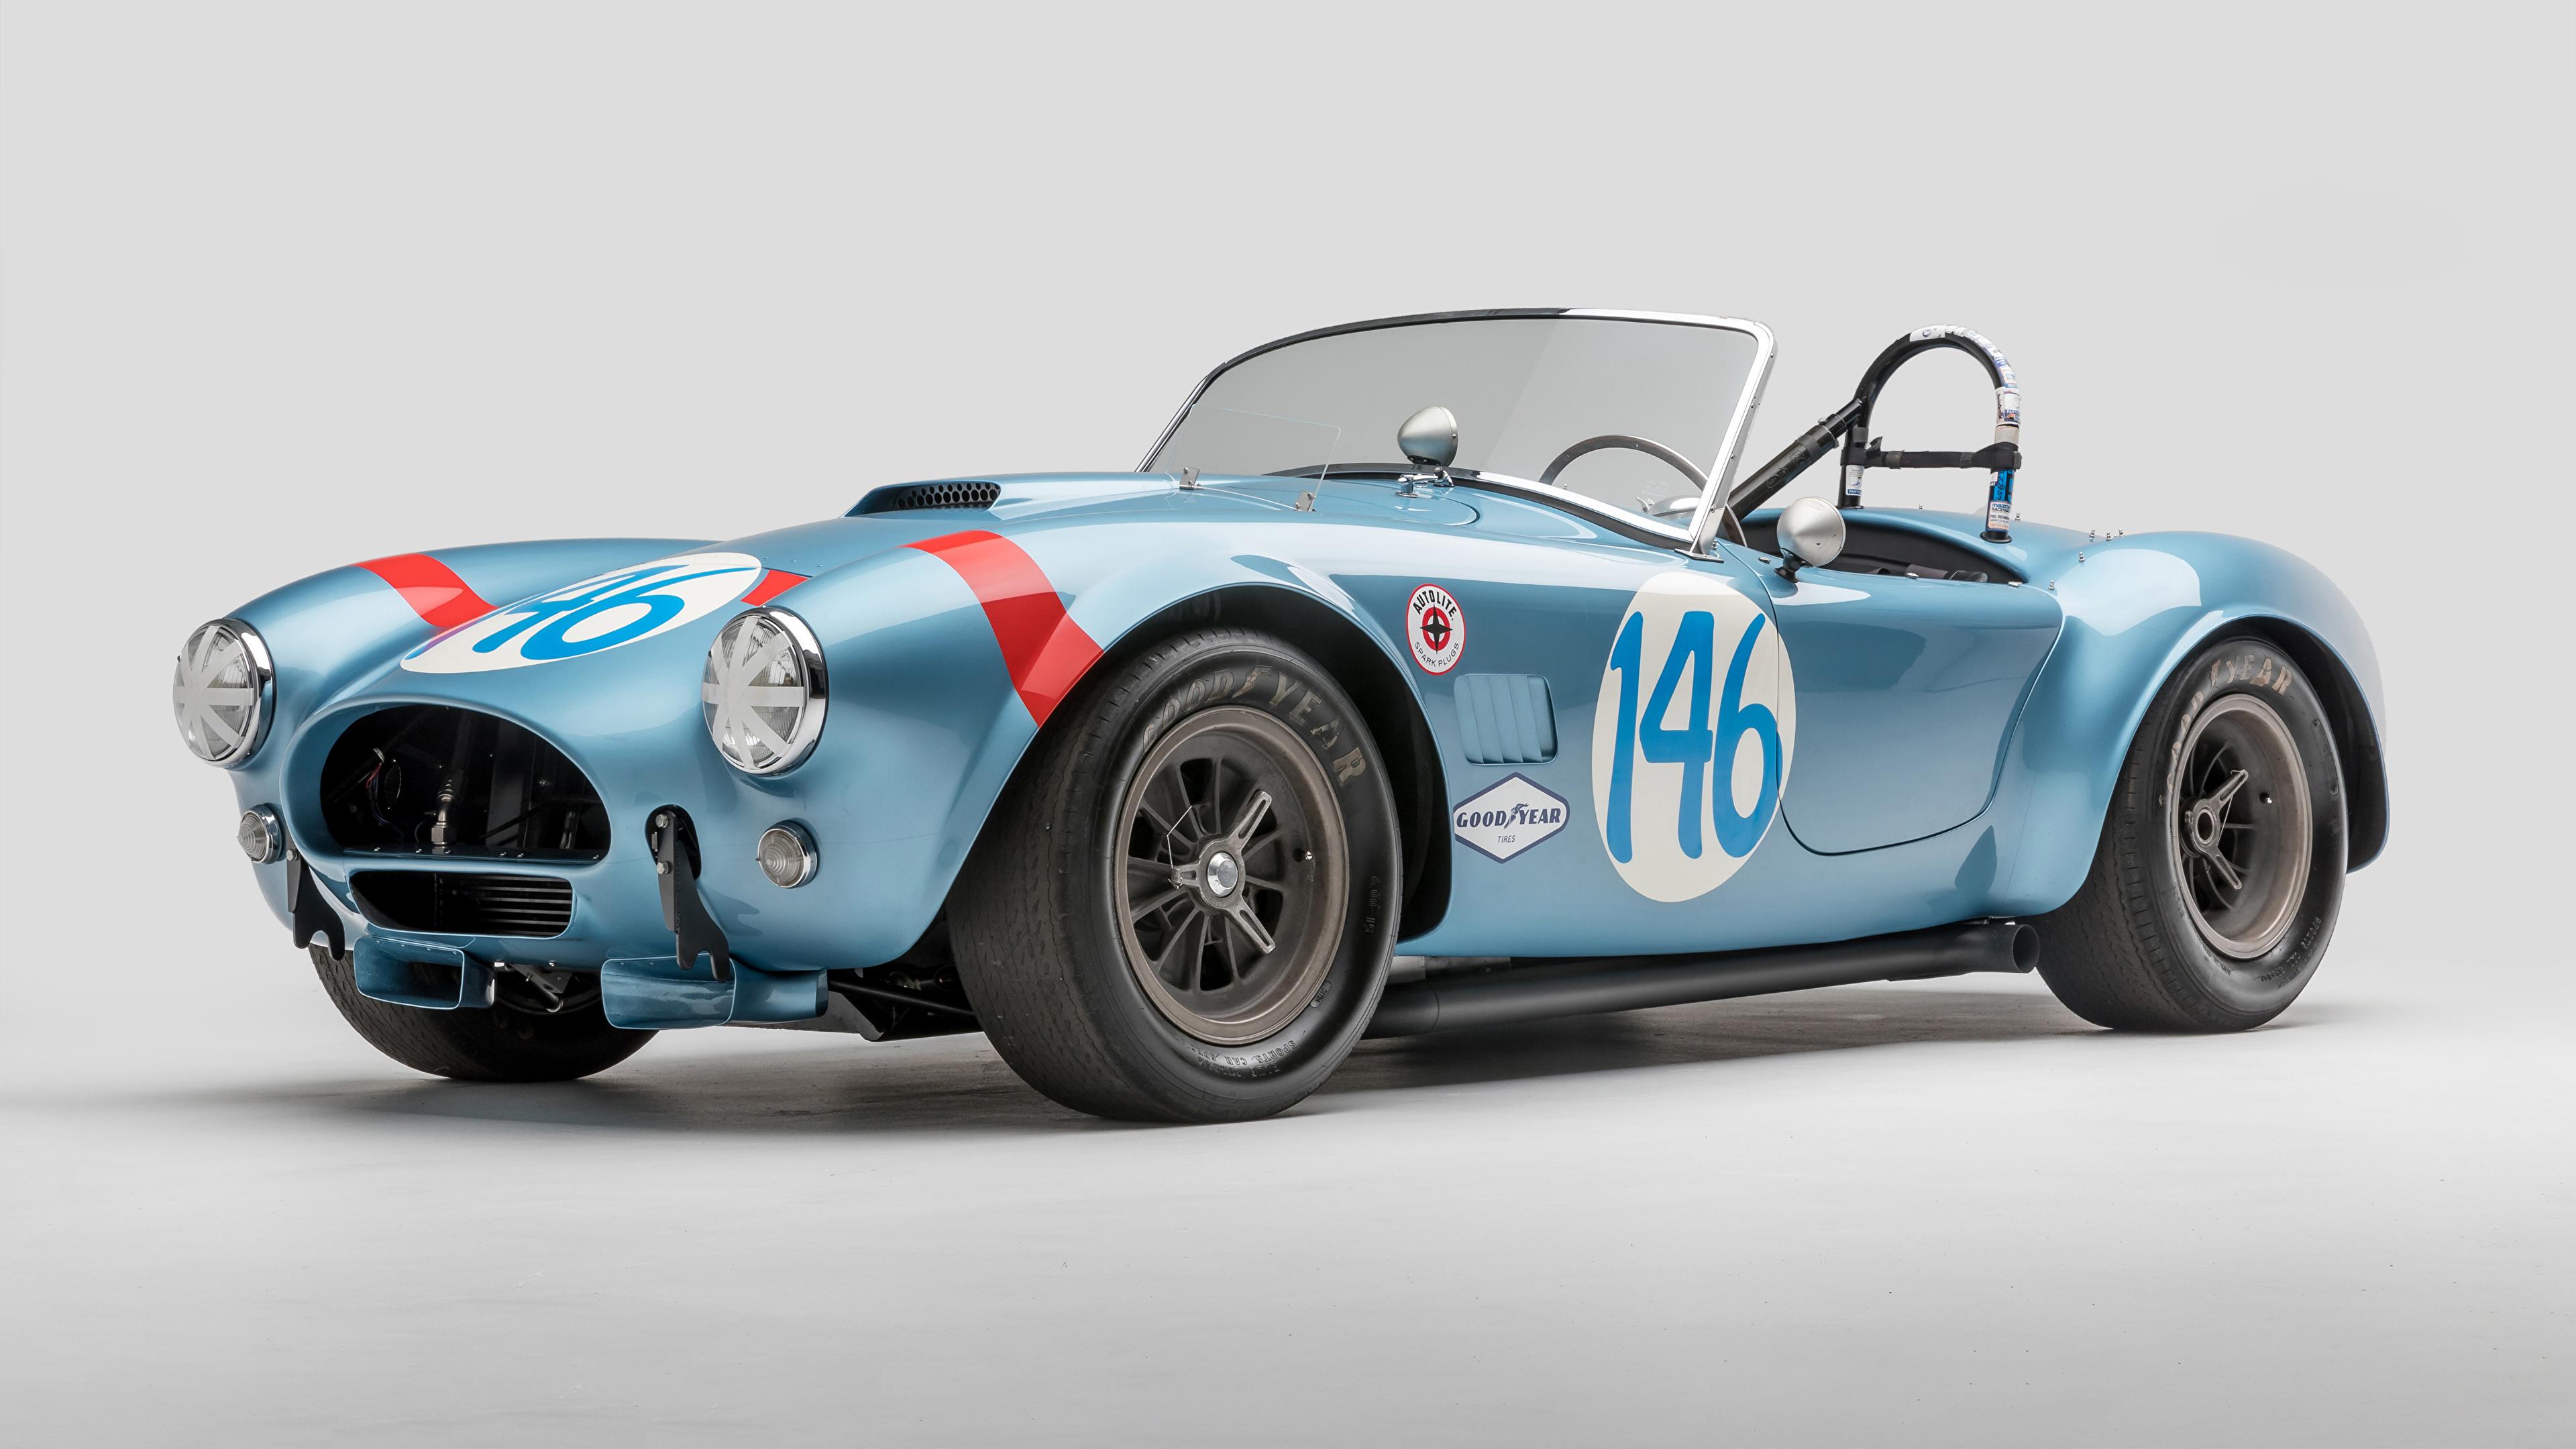 Обои для рабочего стола SSC 1964 Shelby Cobra 289 FIA Competition Родстер Кабриолет Ретро Голубой Автомобили сером фоне 3840x2160 Shelby Super Cars кабриолета винтаж голубых голубые голубая старинные авто машина машины автомобиль Серый фон